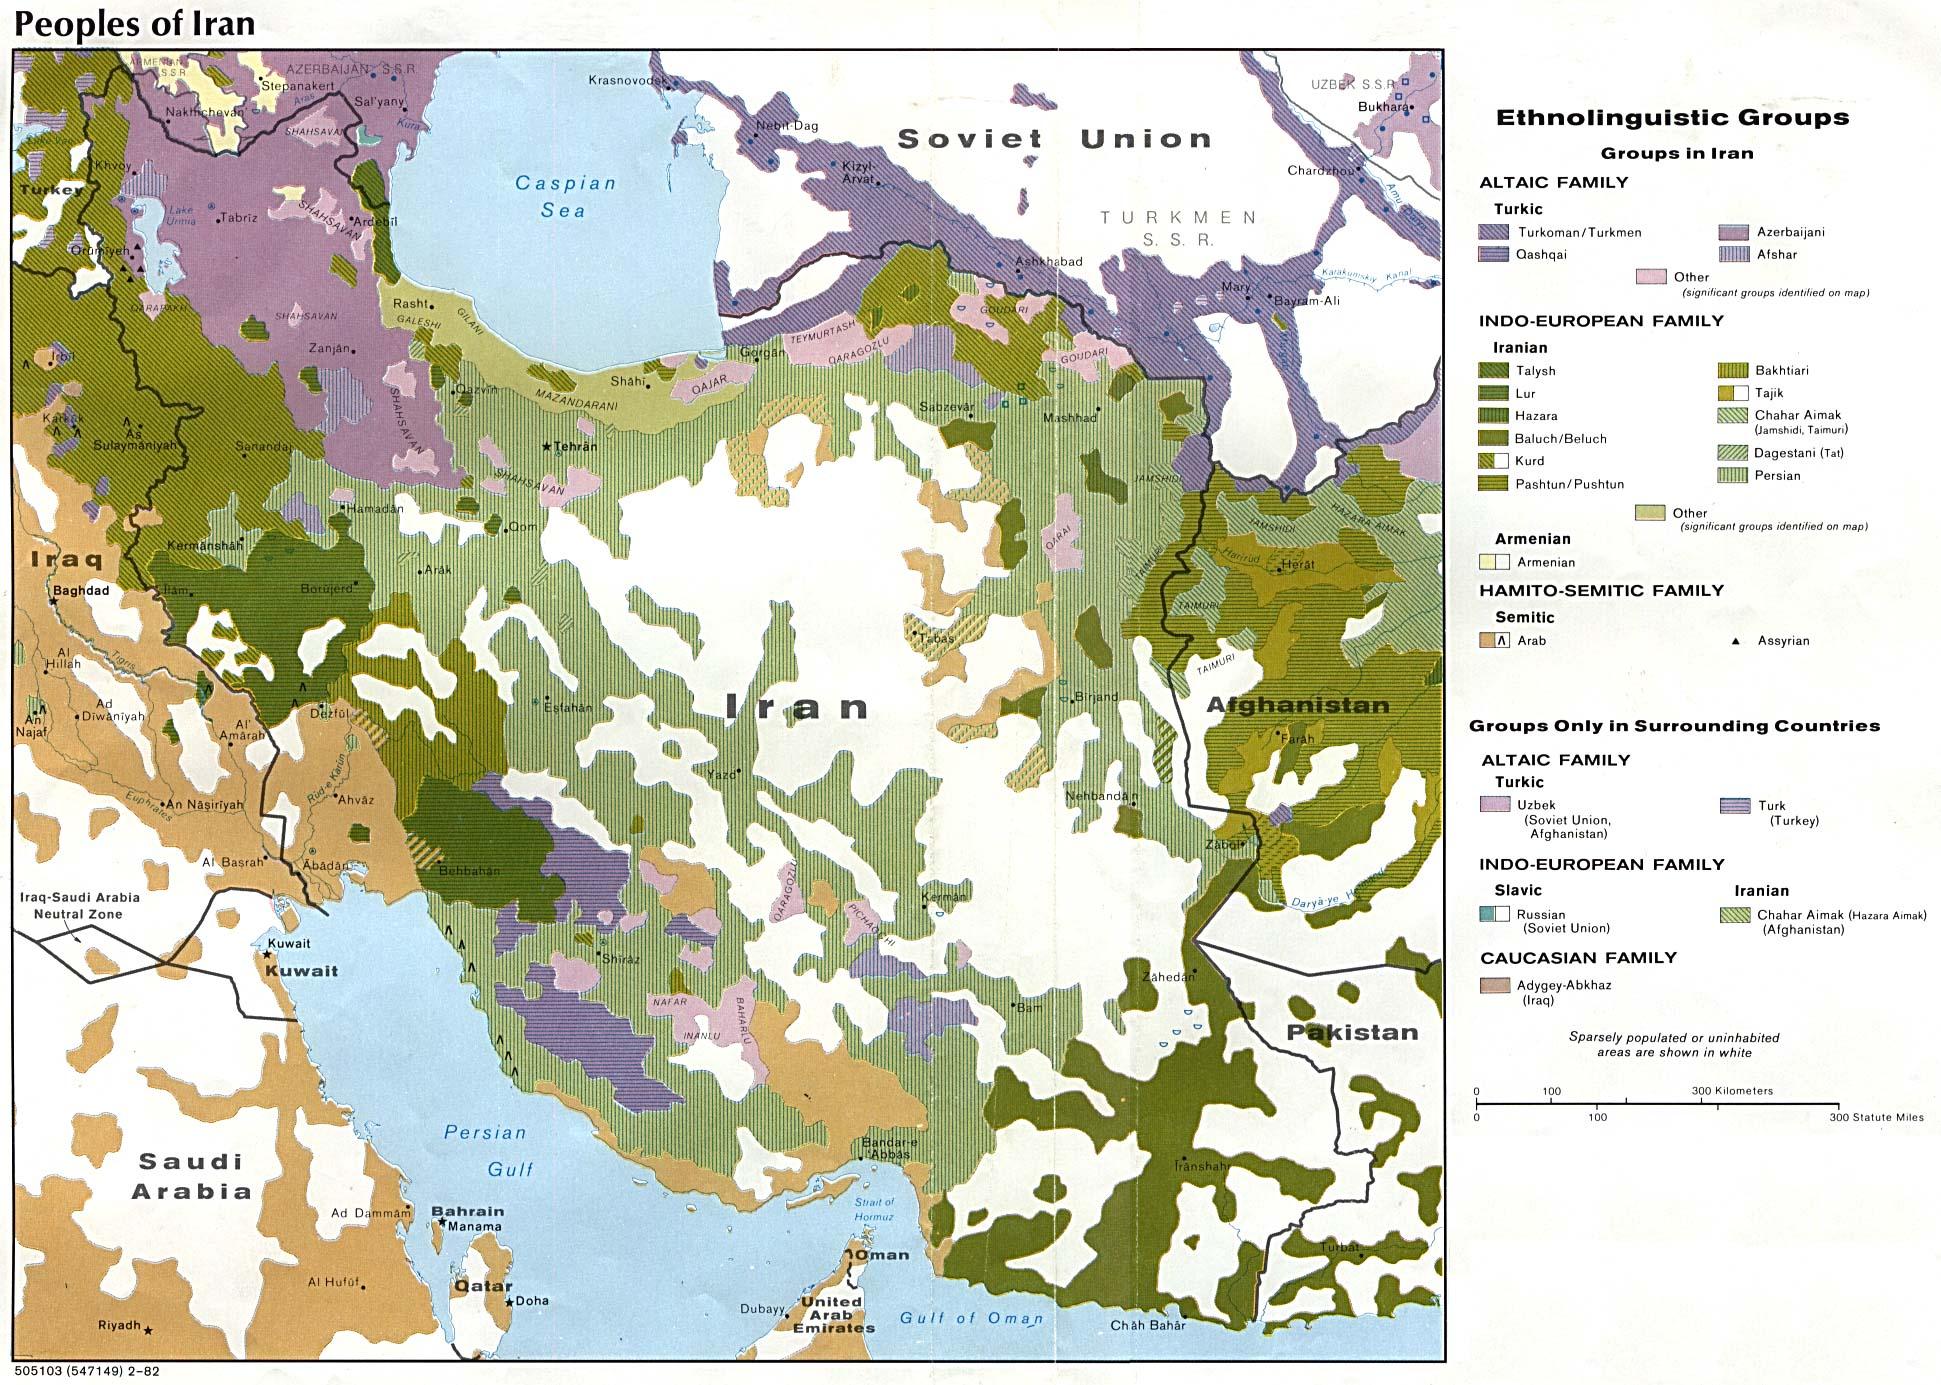 Mapa de los Grupos Etnolingüísticos de Irán